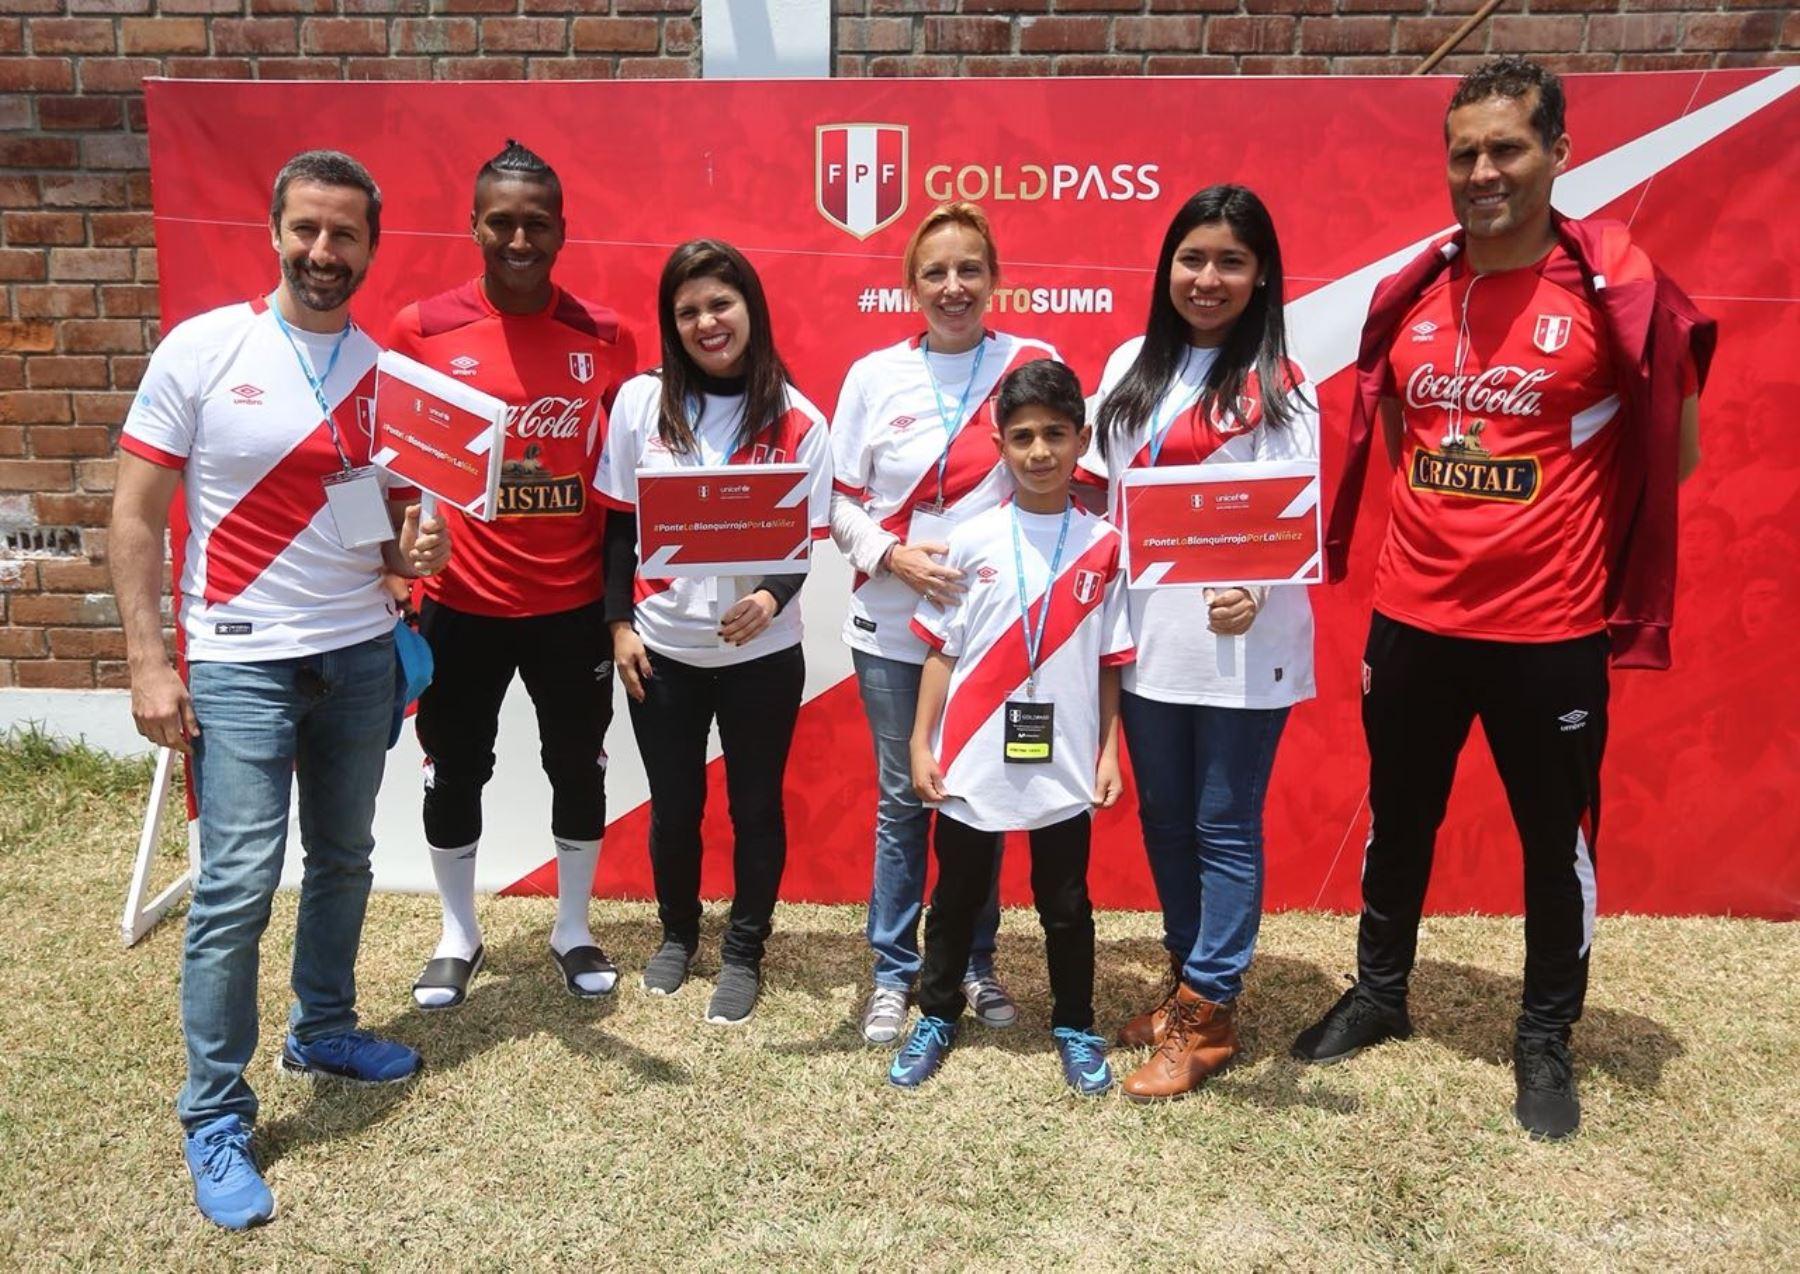 Representantes de Unicef se reunieron con jugadores de la selección.